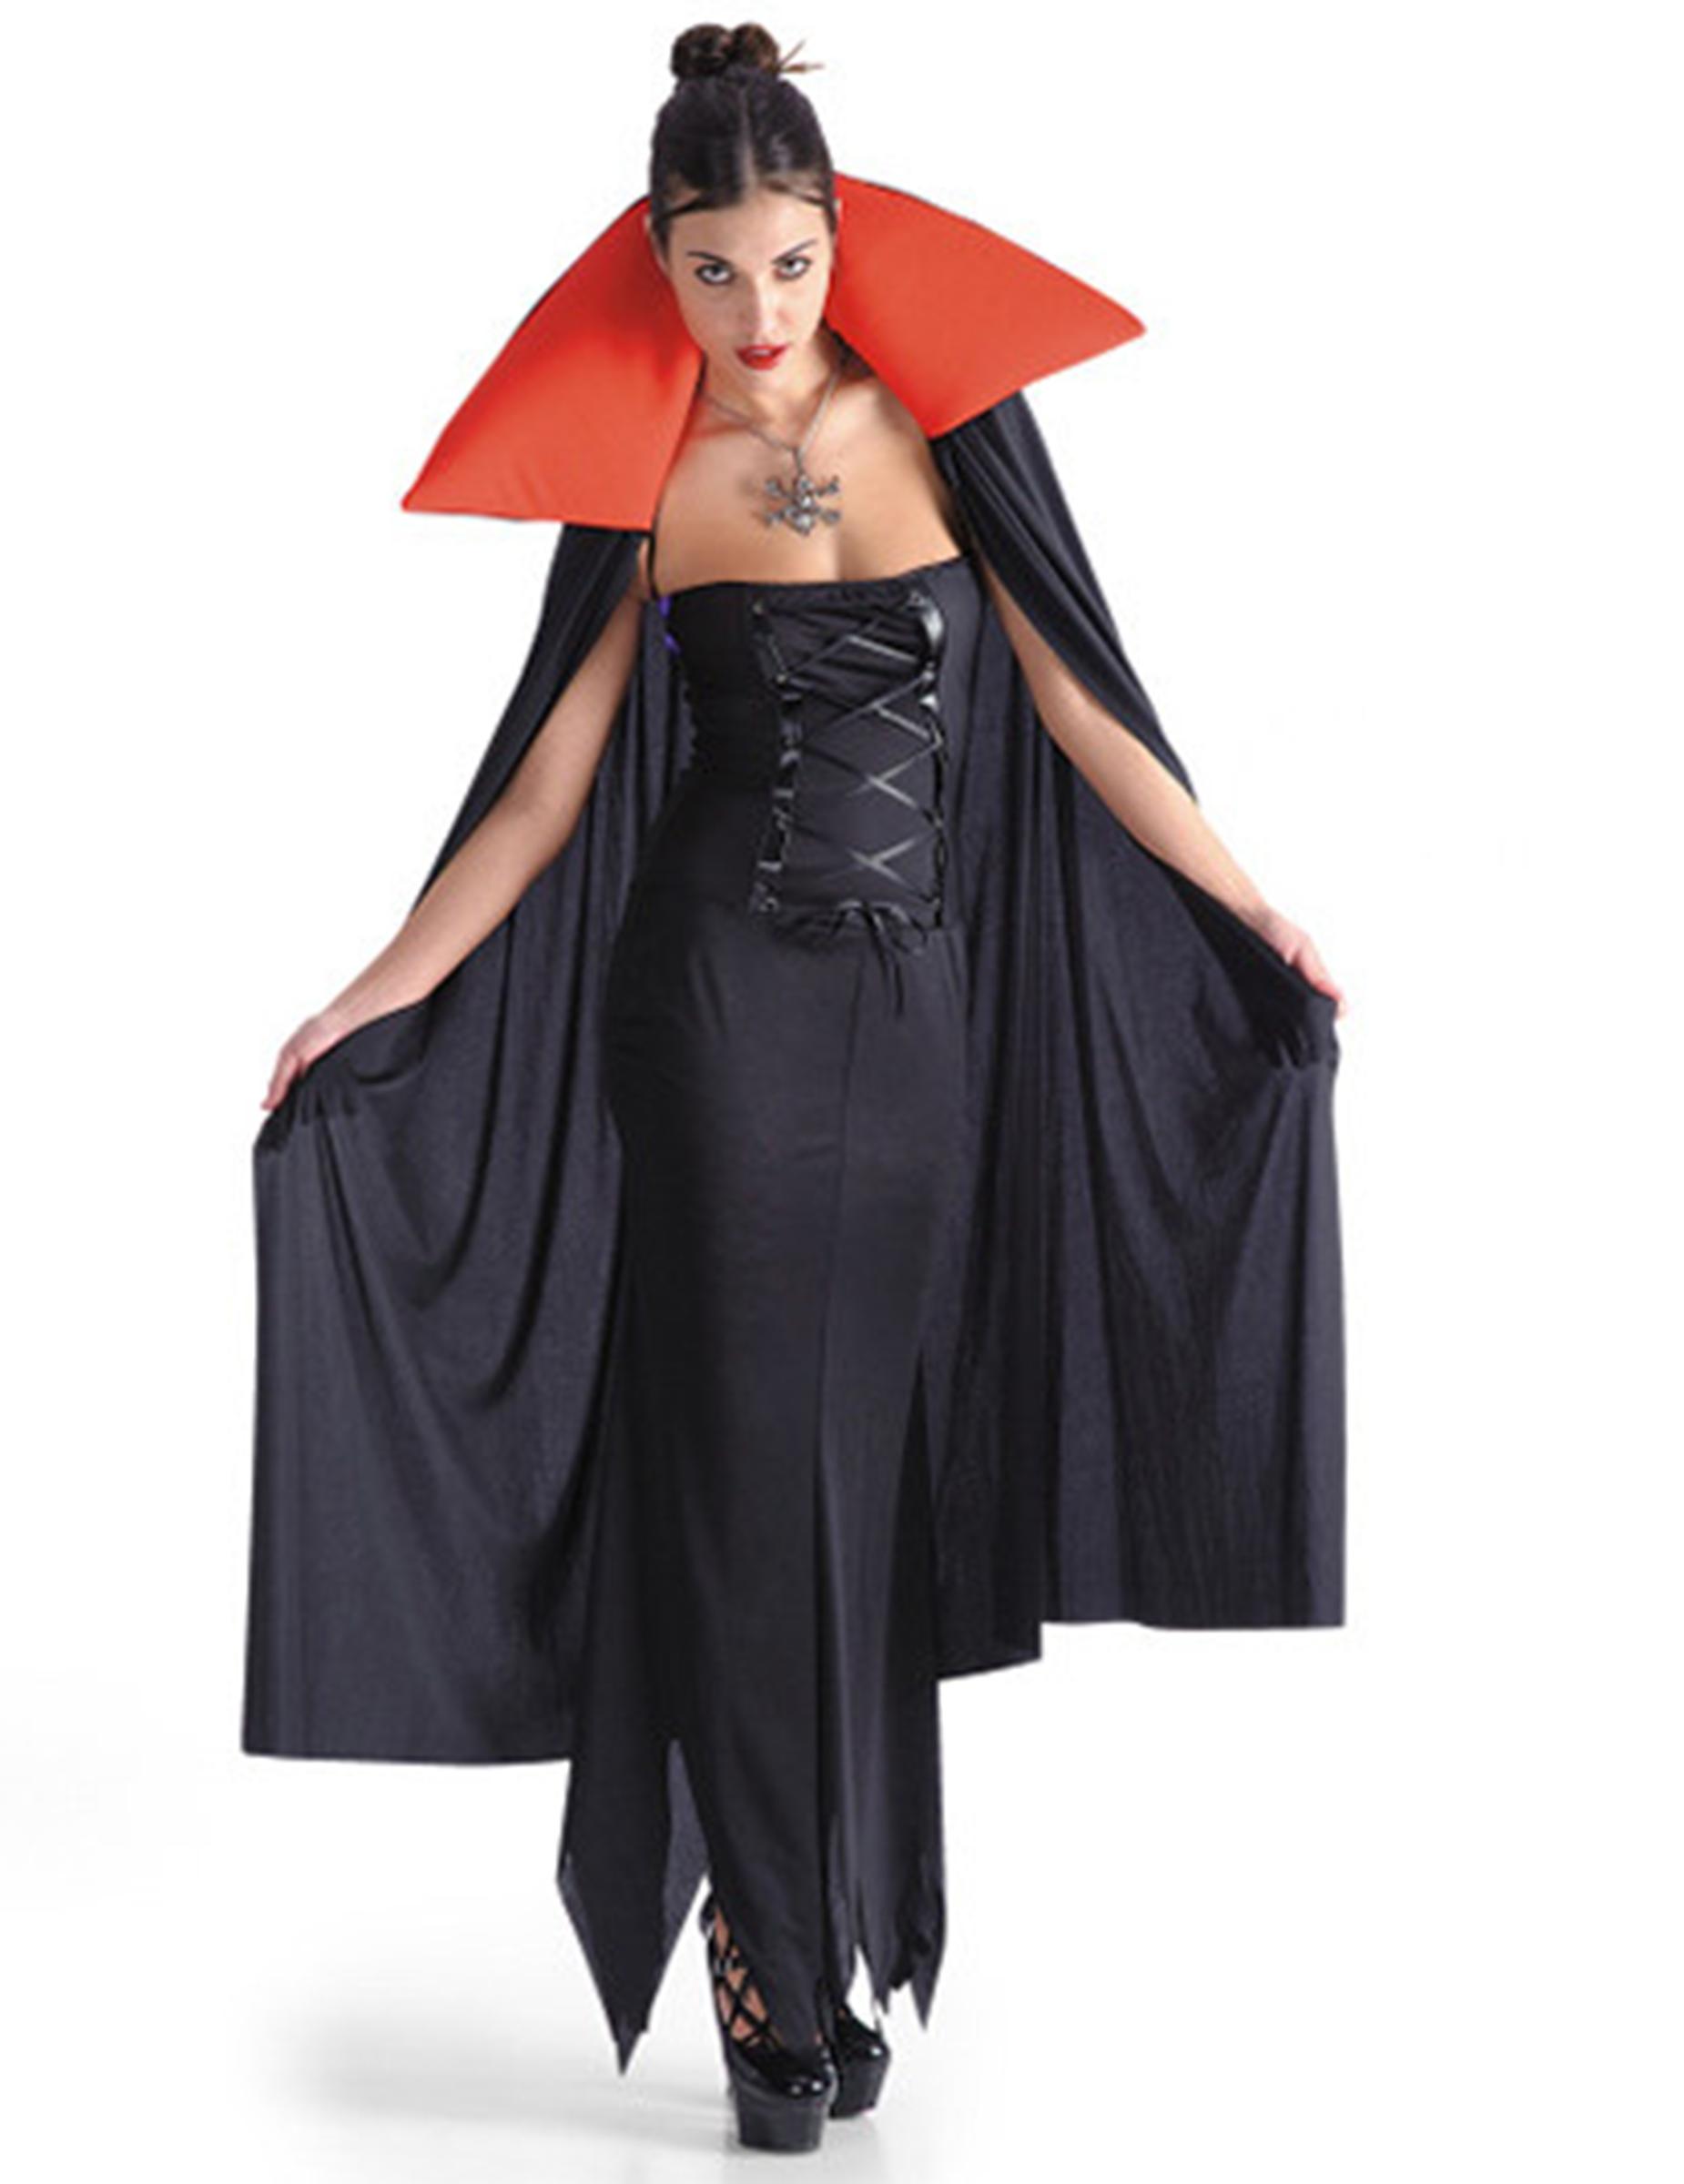 Chapeau de Pirate Cache-Oeil pour d/éguisement dhalloween Lifreer Cape de Vampire pour Enfants Halloween 35 Pouces Cape r/éversible Rouge Noir